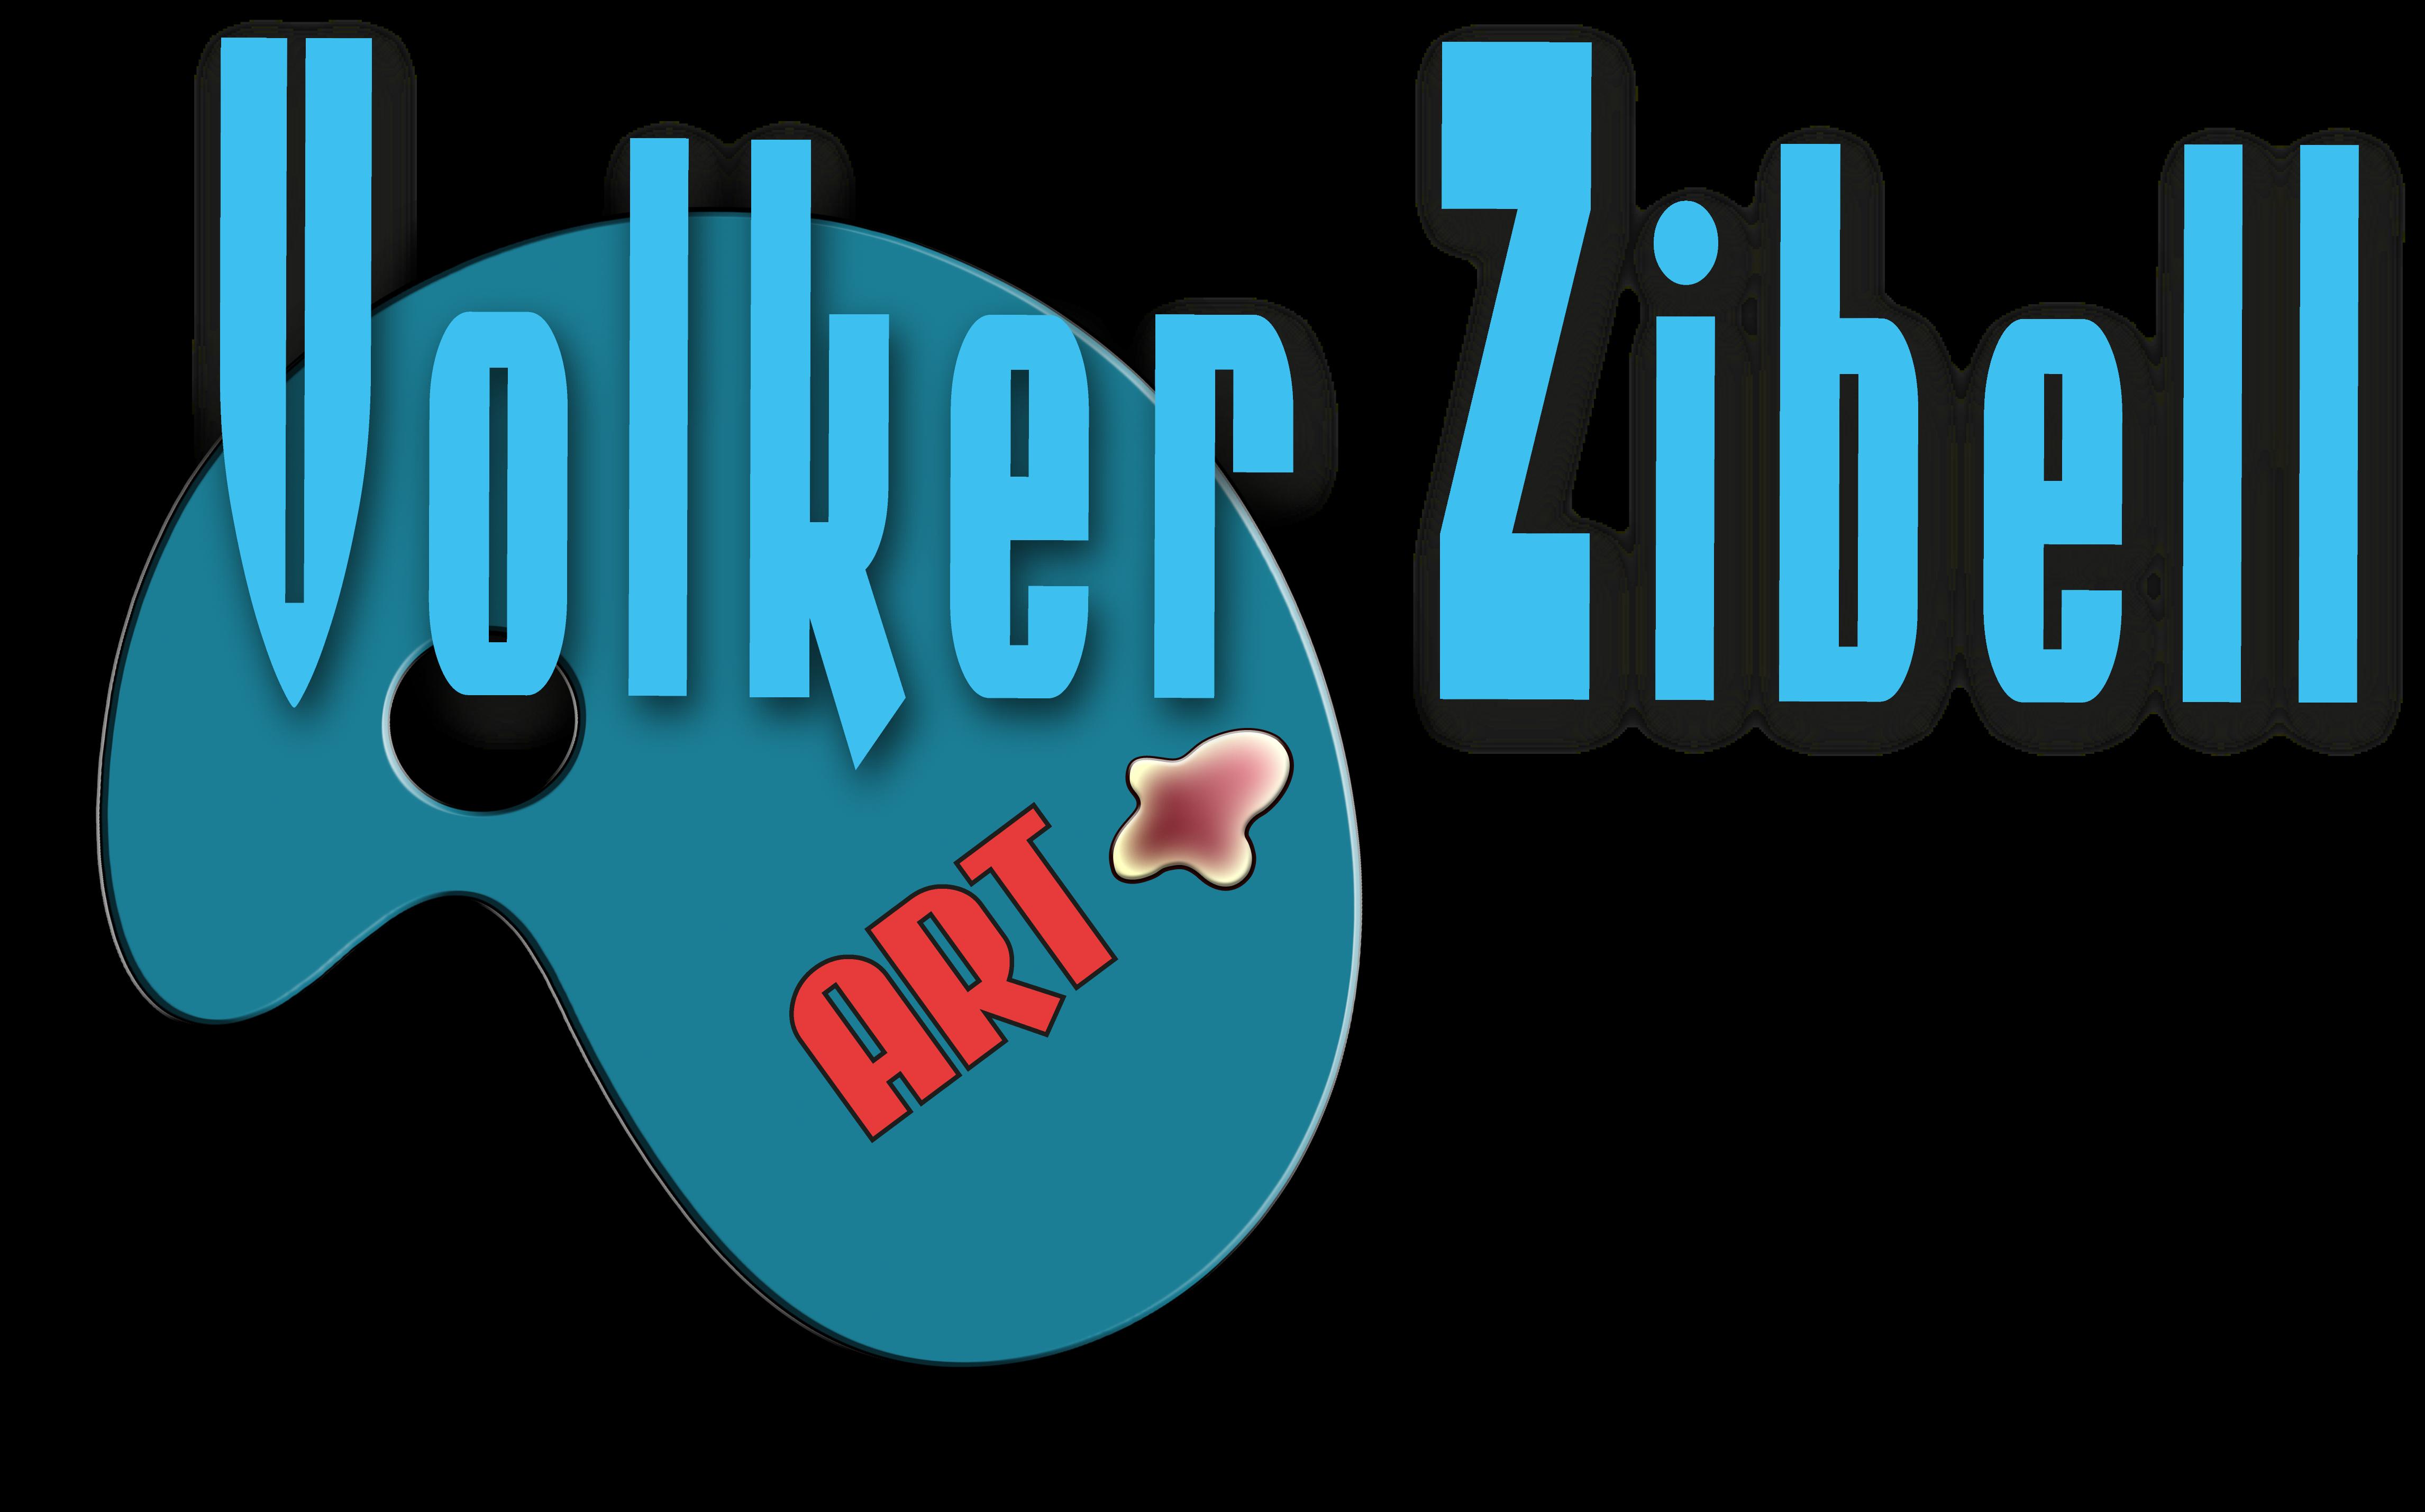 VolkerZibellArt